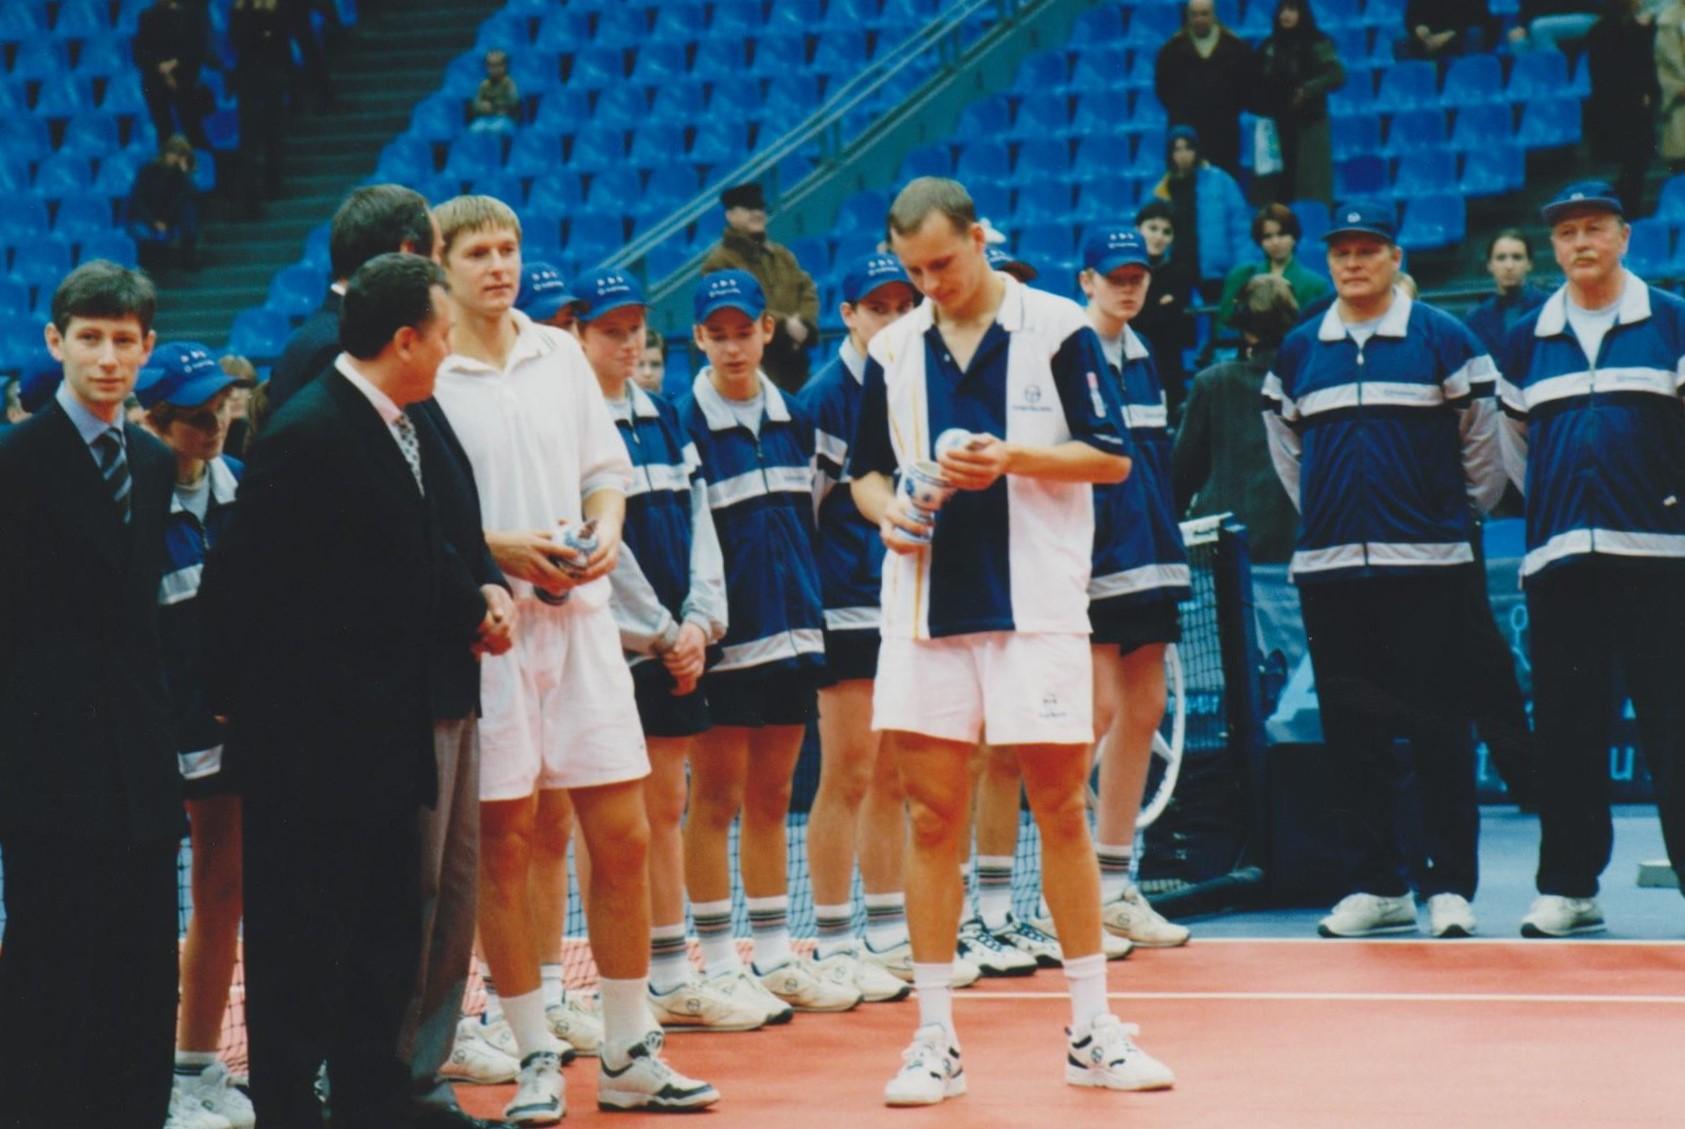 Кафельников Евгений (Россия) и Вацек Даниэль (Чехия) Финалисты Кубка Кремля в парном разряде 1998